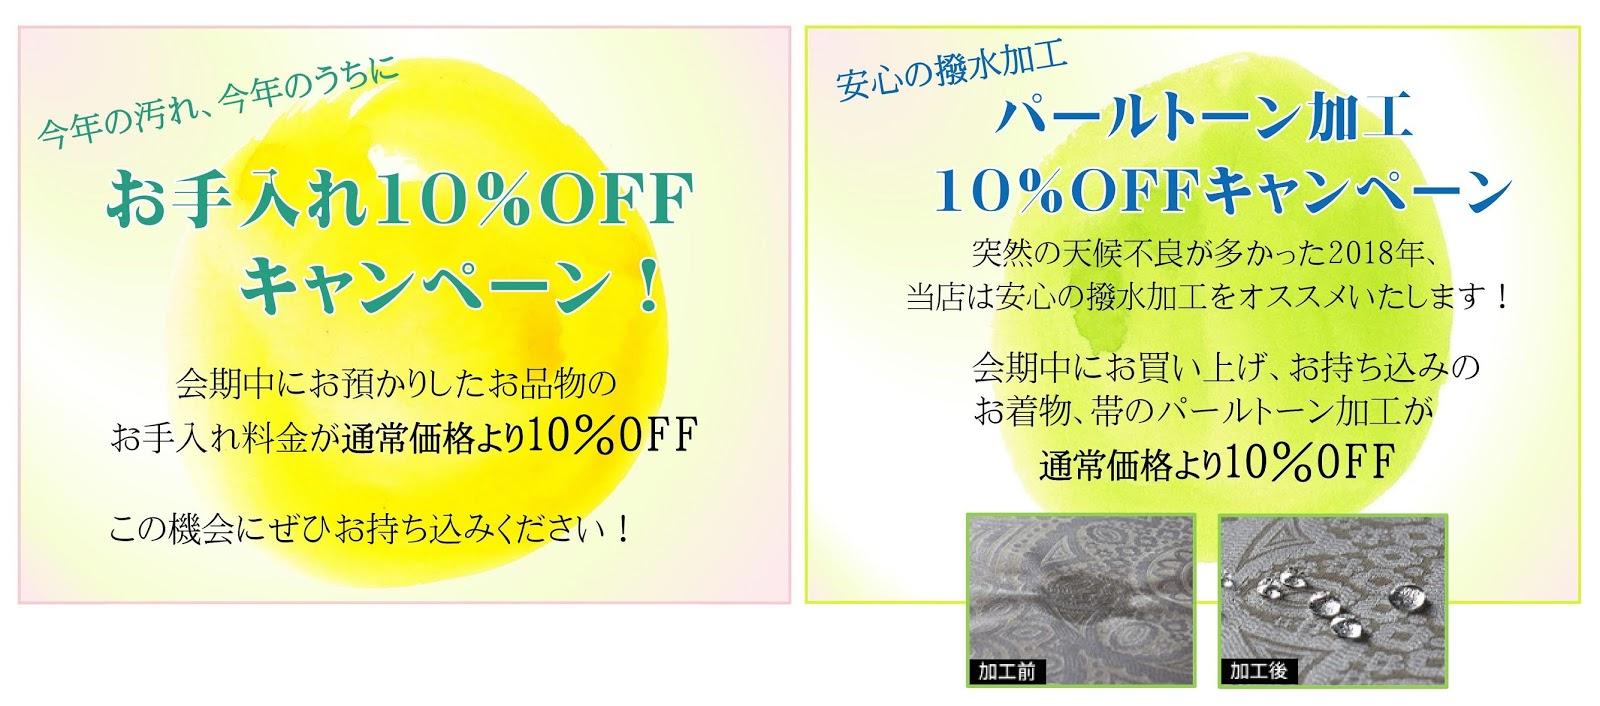 【10%OFF】お手入れ、撥水加工キャンペーン